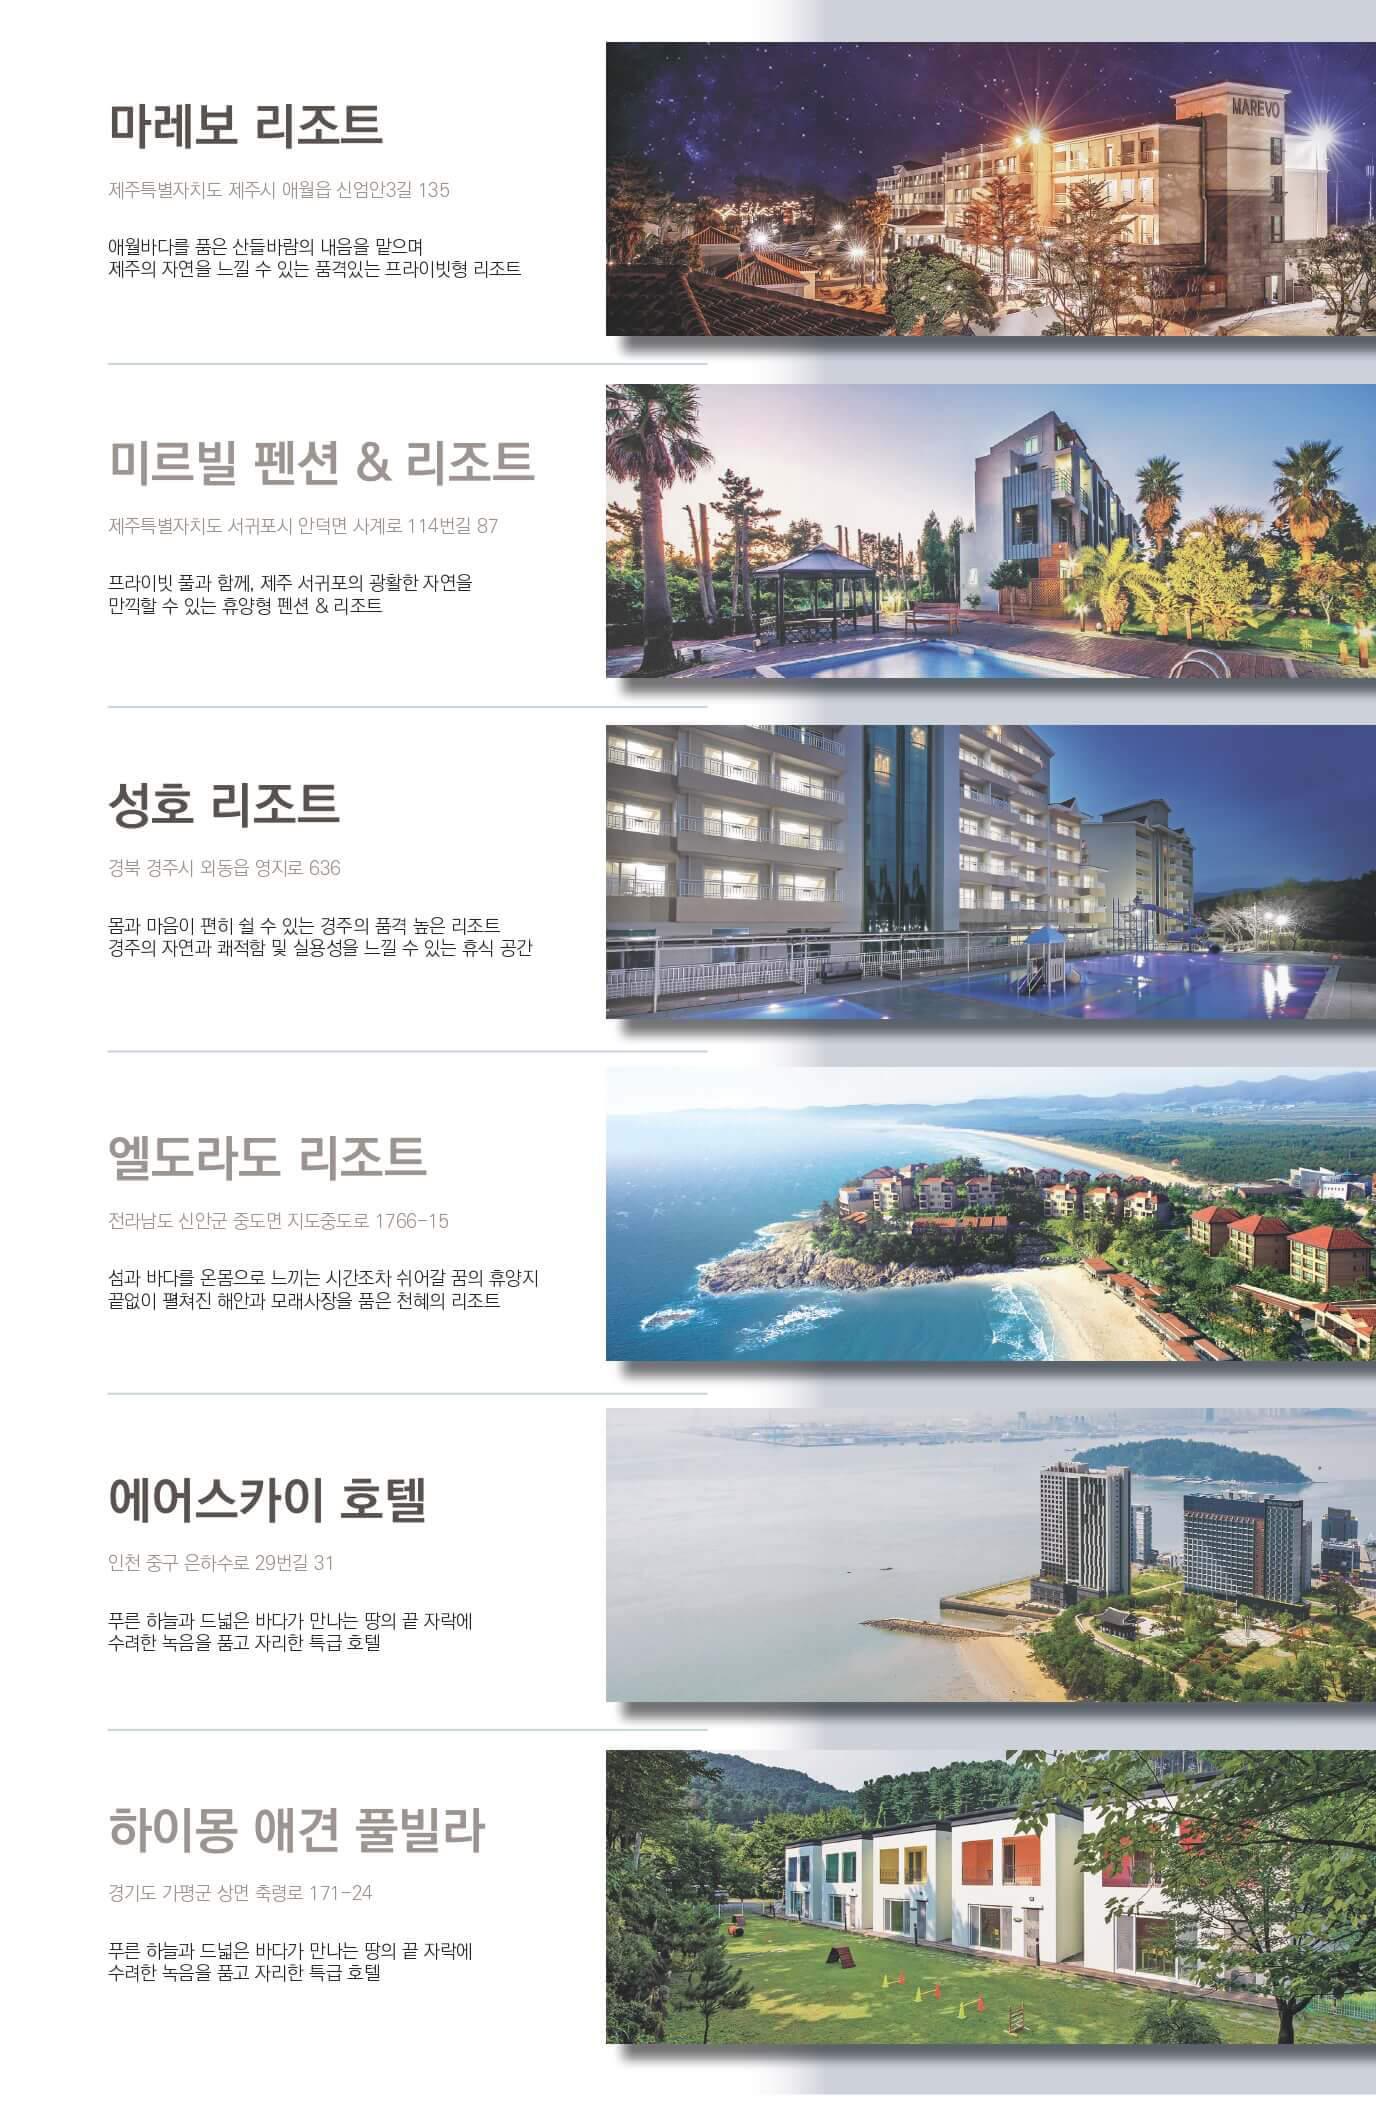 한국기독교성지문화원 멤버쉽혜택 이미지(2)